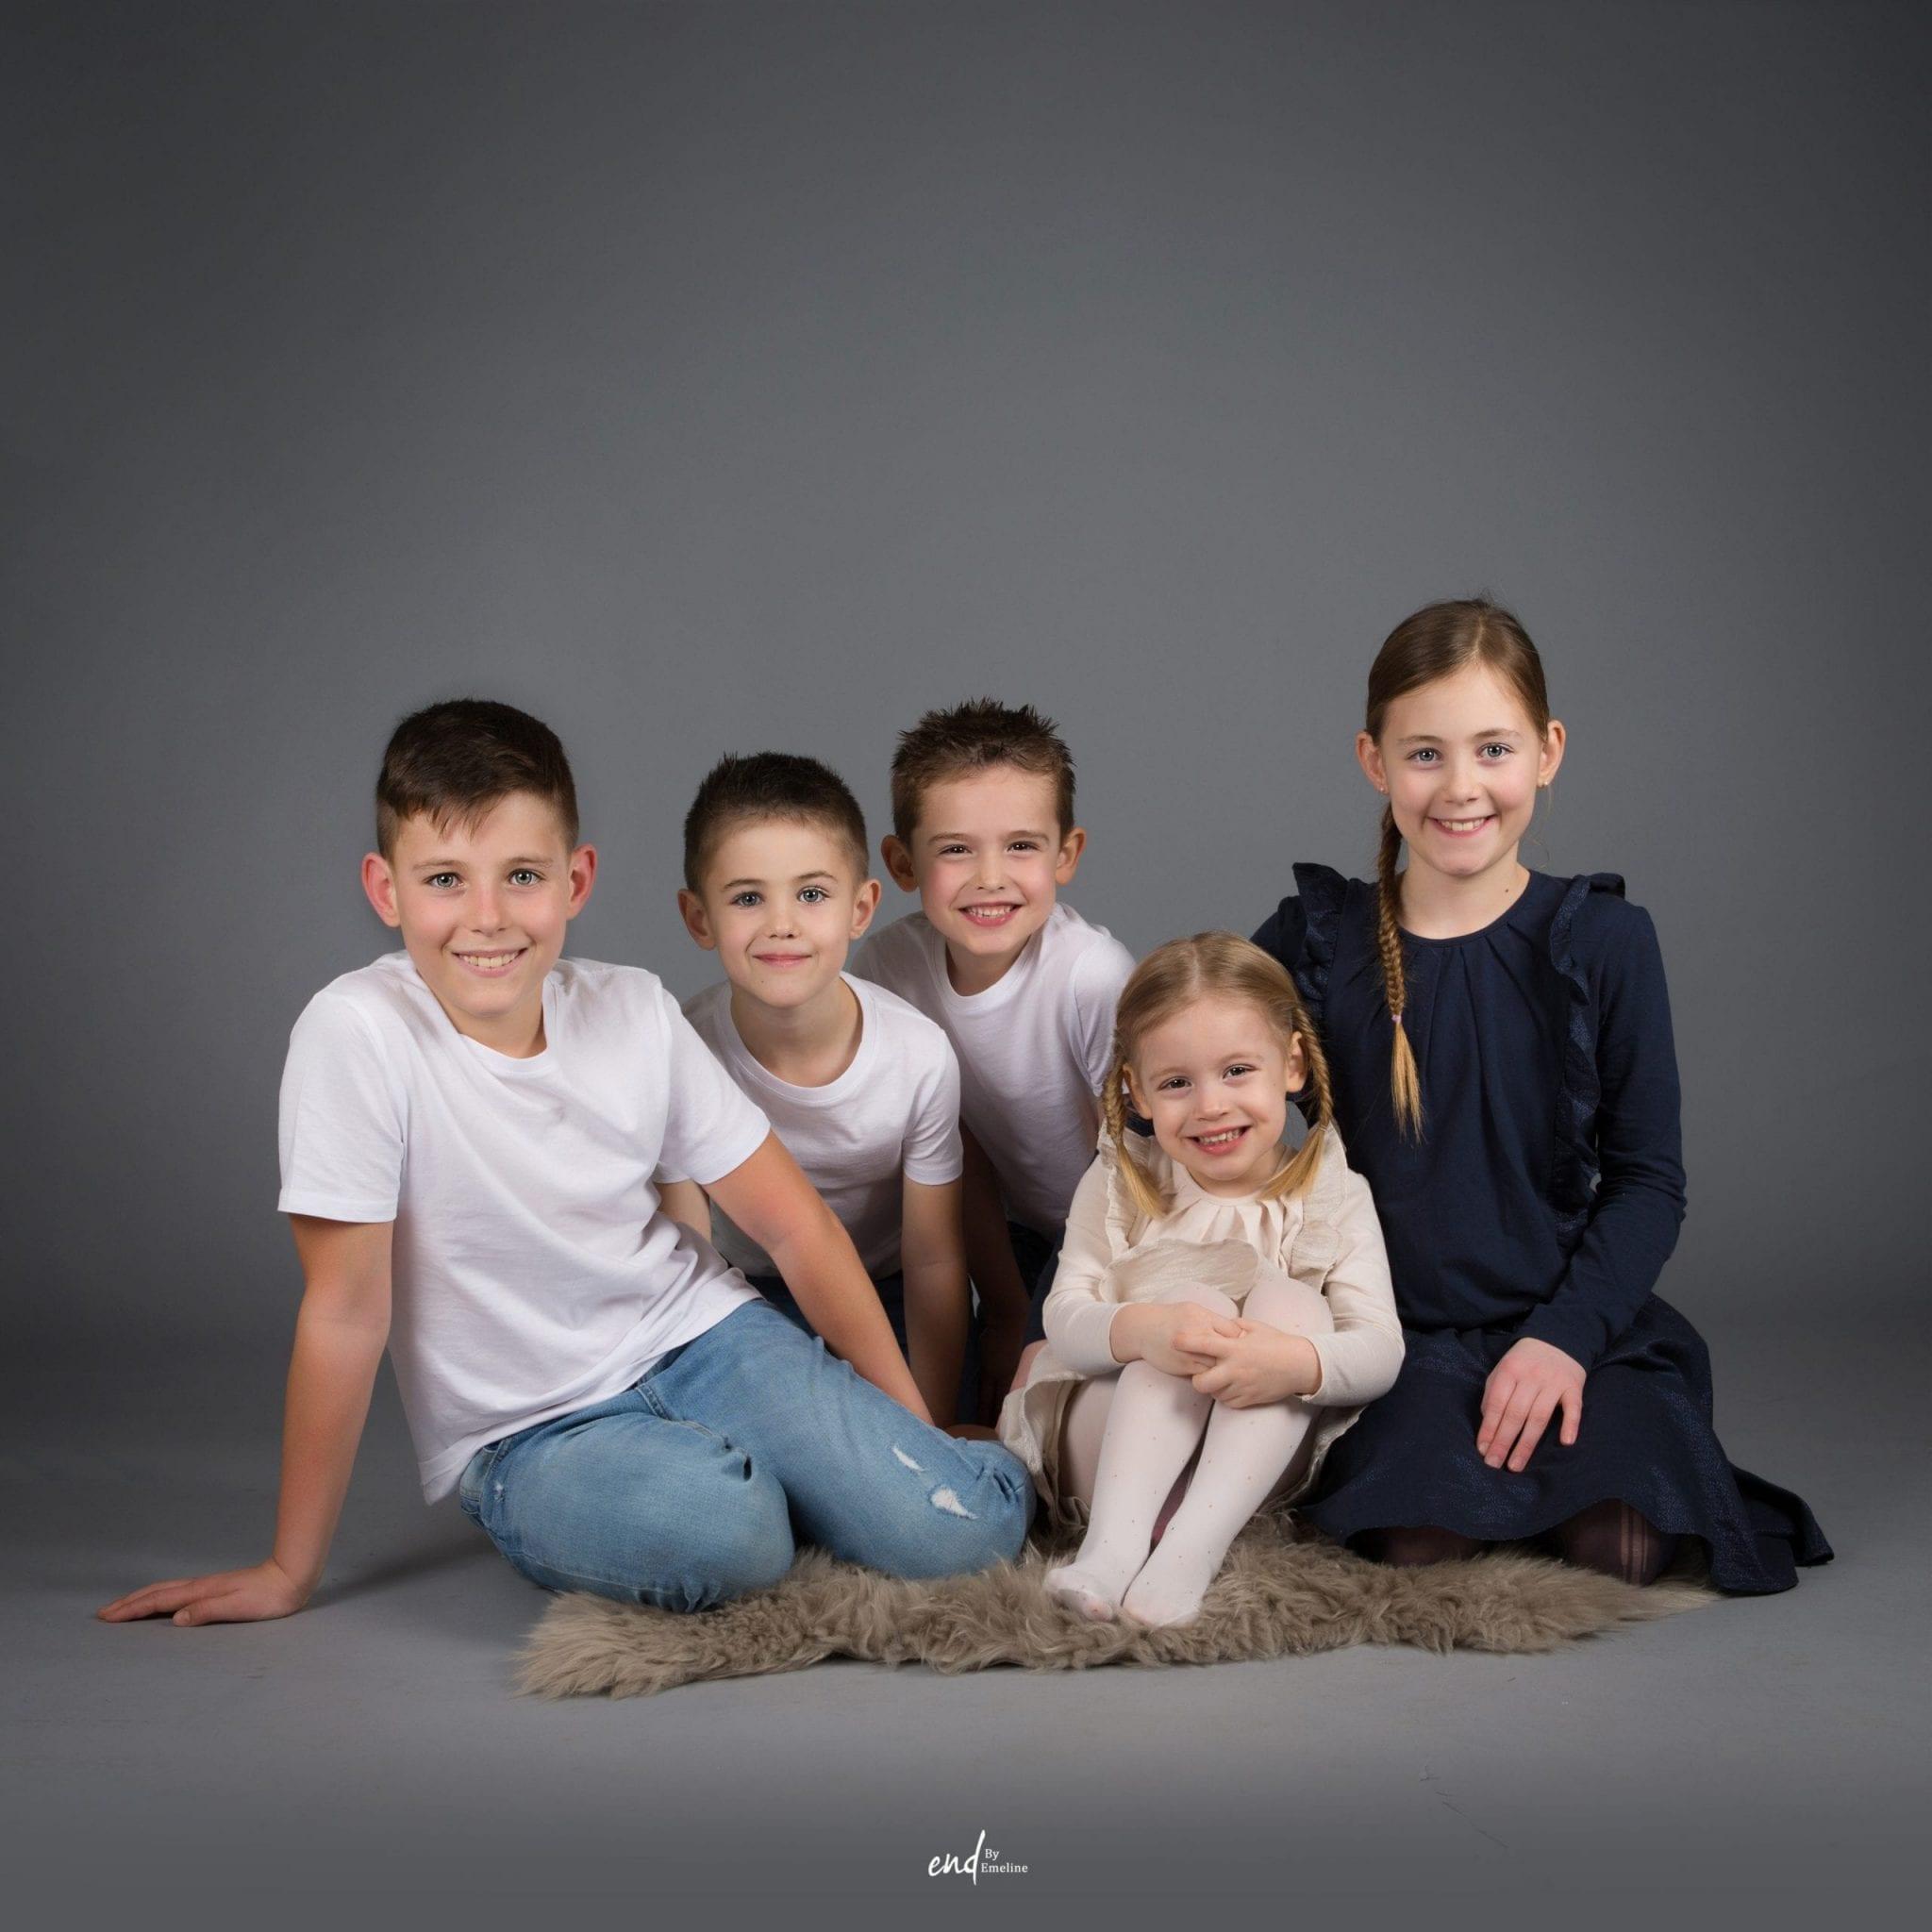 Photo de famille la photos de cousins photographe Studio END Naucelle